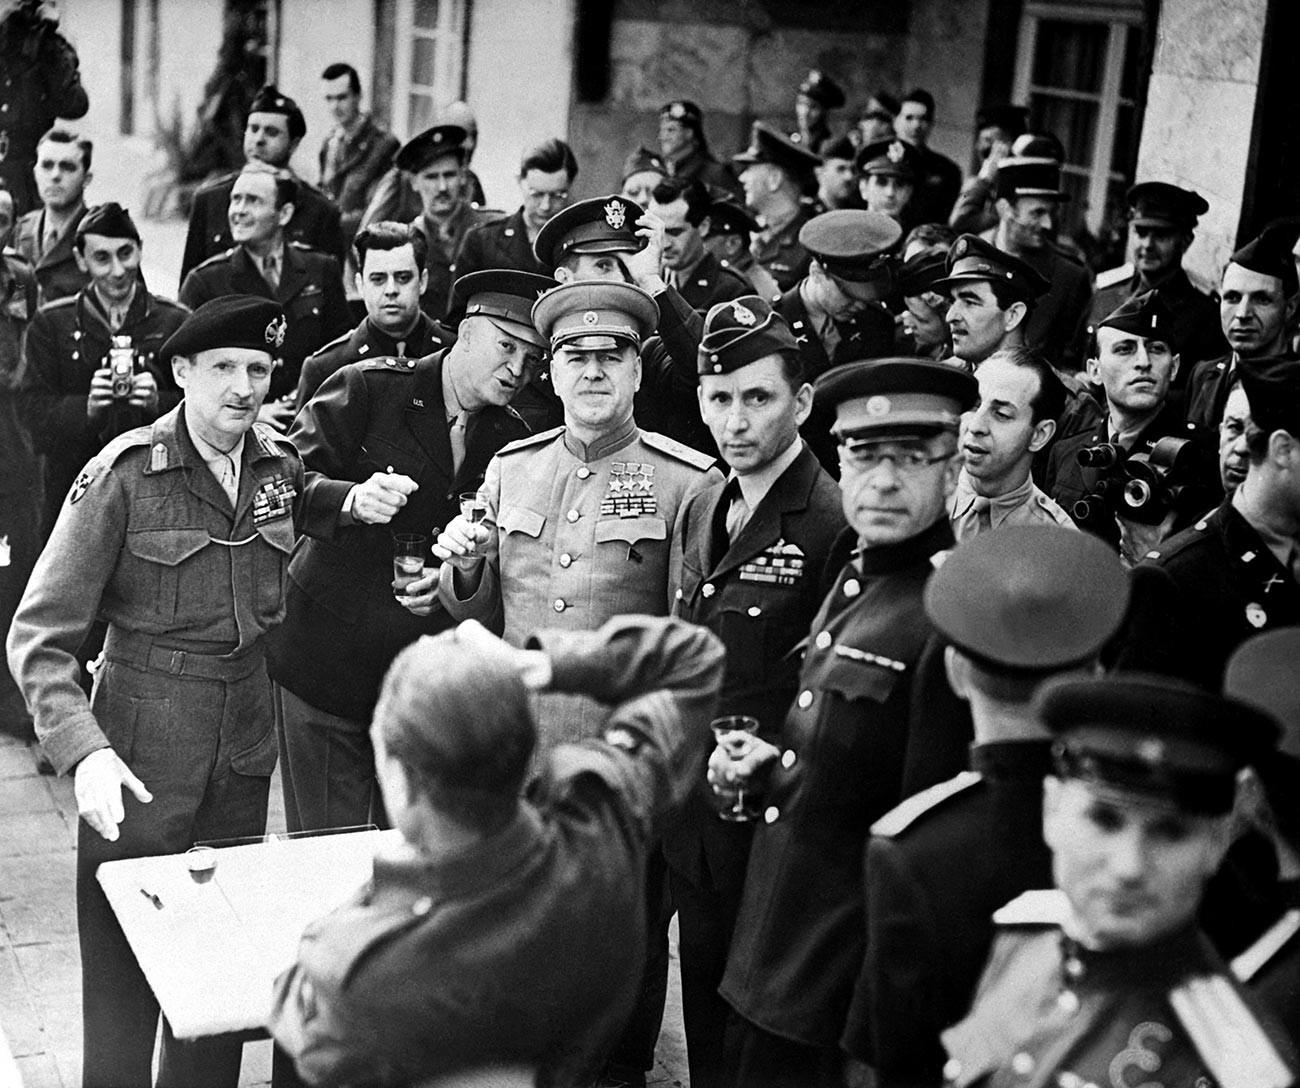 O marechal de campo britânico Bernard Montgomery (à esquerda, usando boina) recebeu a Ordem da Vitória em 5 de junho de 1945. O general norte-americano Dwight Eisenhower e o marechal de campo soviético Gueórgui Jukov, também recipientes da Ordem da Vitória, estão à direita de Montgomery